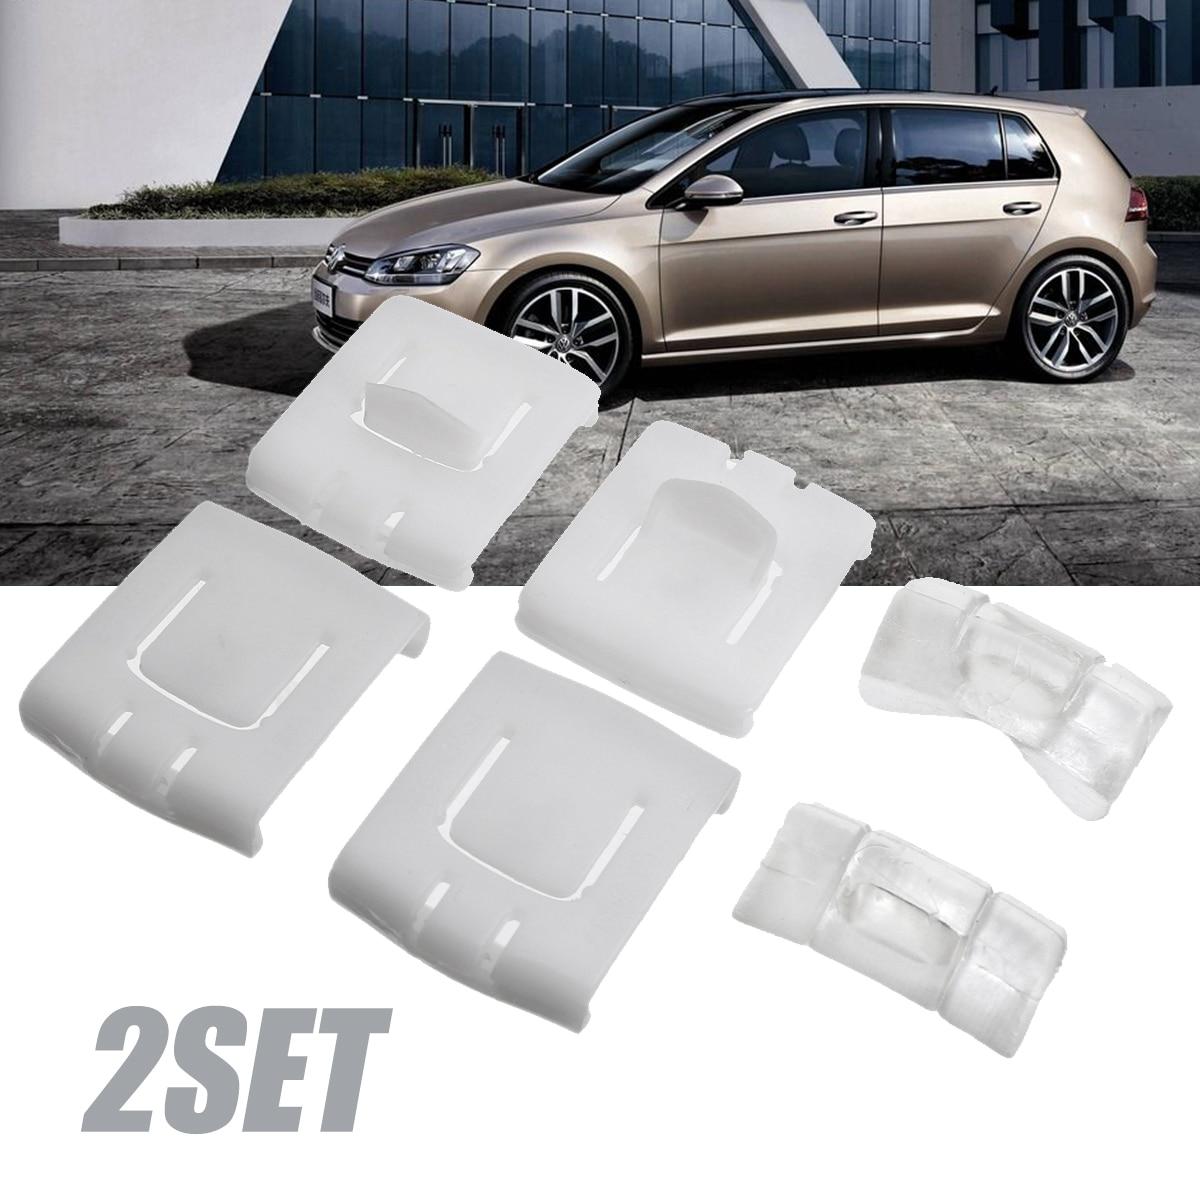 per Cofano W204 W212 S212 A207 C207 W222 R231 X204 Clip di Fissaggio per Auto Mtsooning